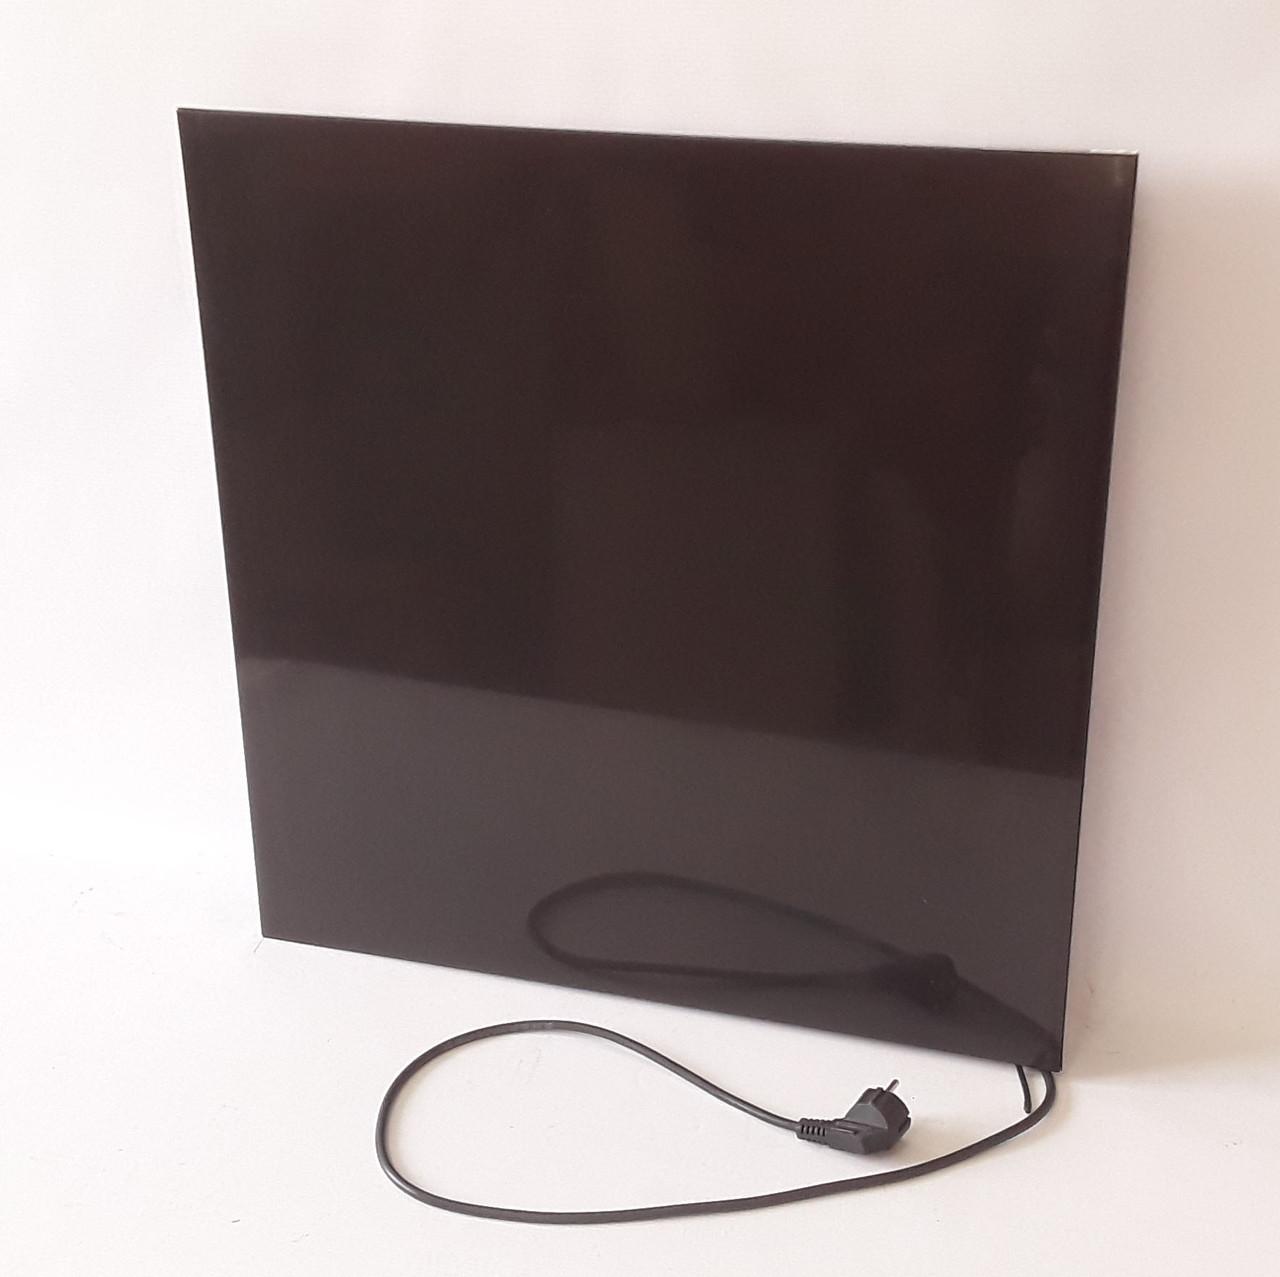 Керамический обогреватель с конвекционными решетками и терморегулятором Opal 375 Black